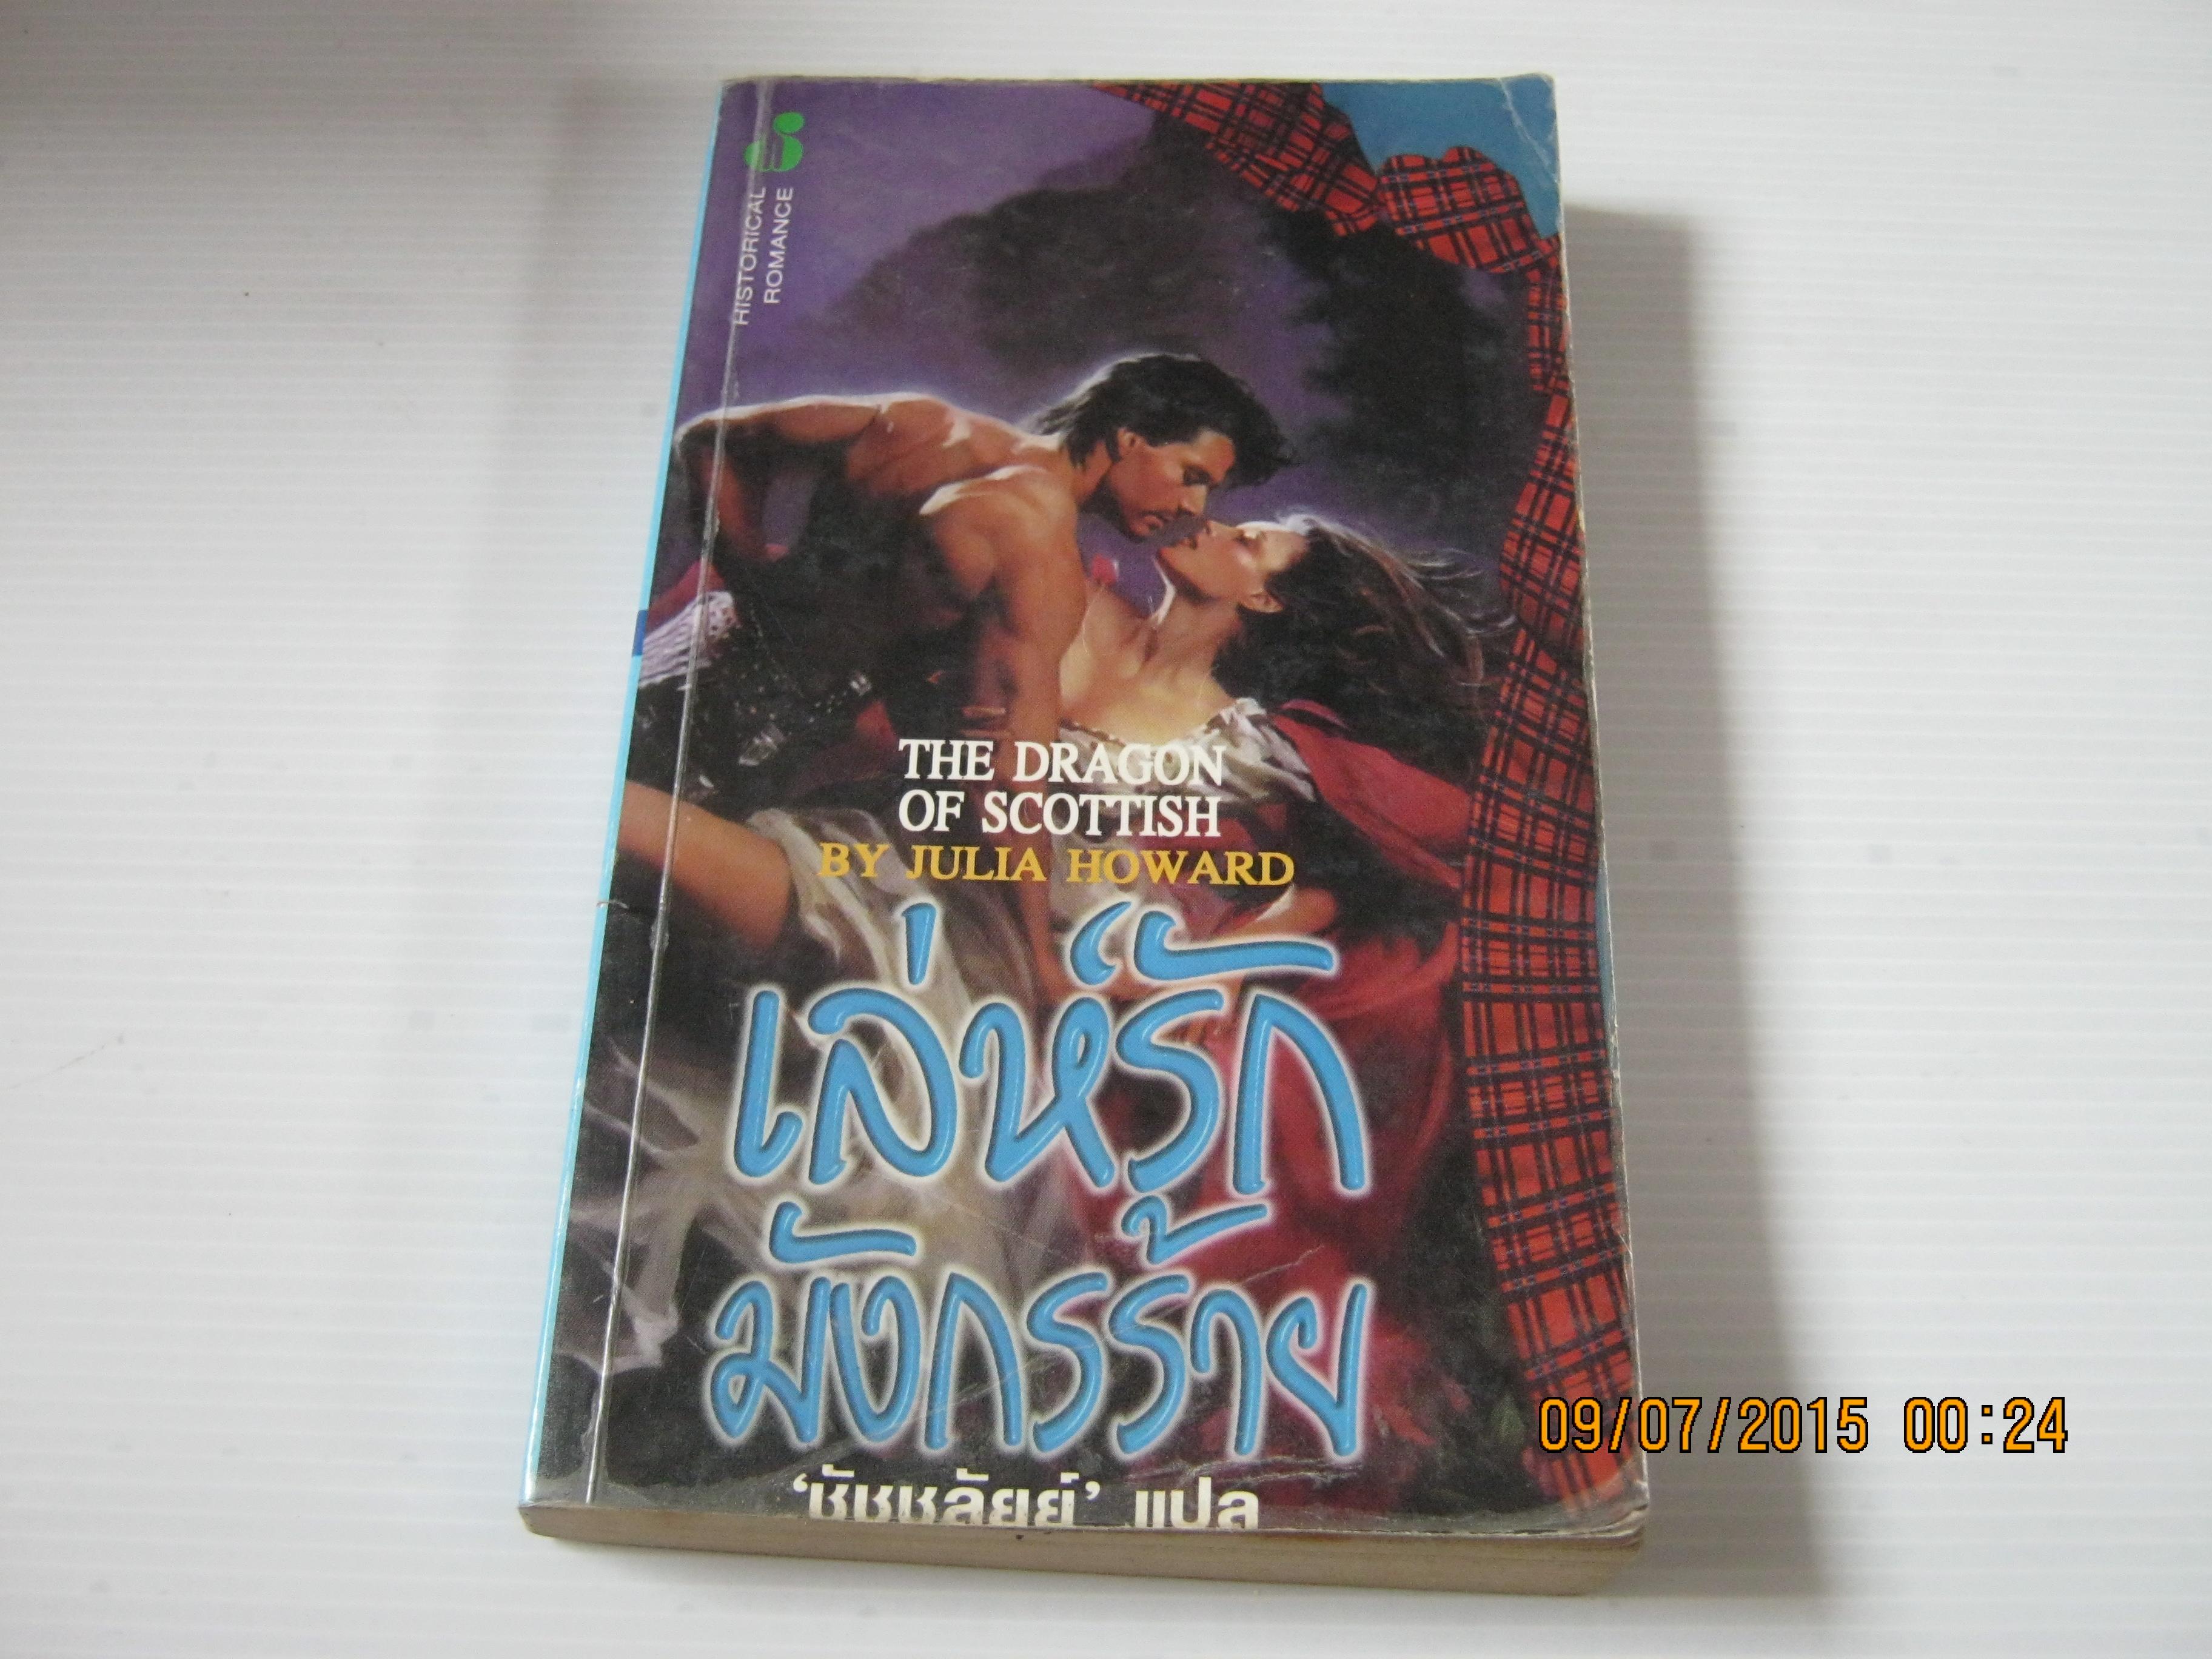 เล่ห์รักมังกรร้าย (The Dragon of Scottish) Julia Howard เขียน ชัชชลัยย์ แปล